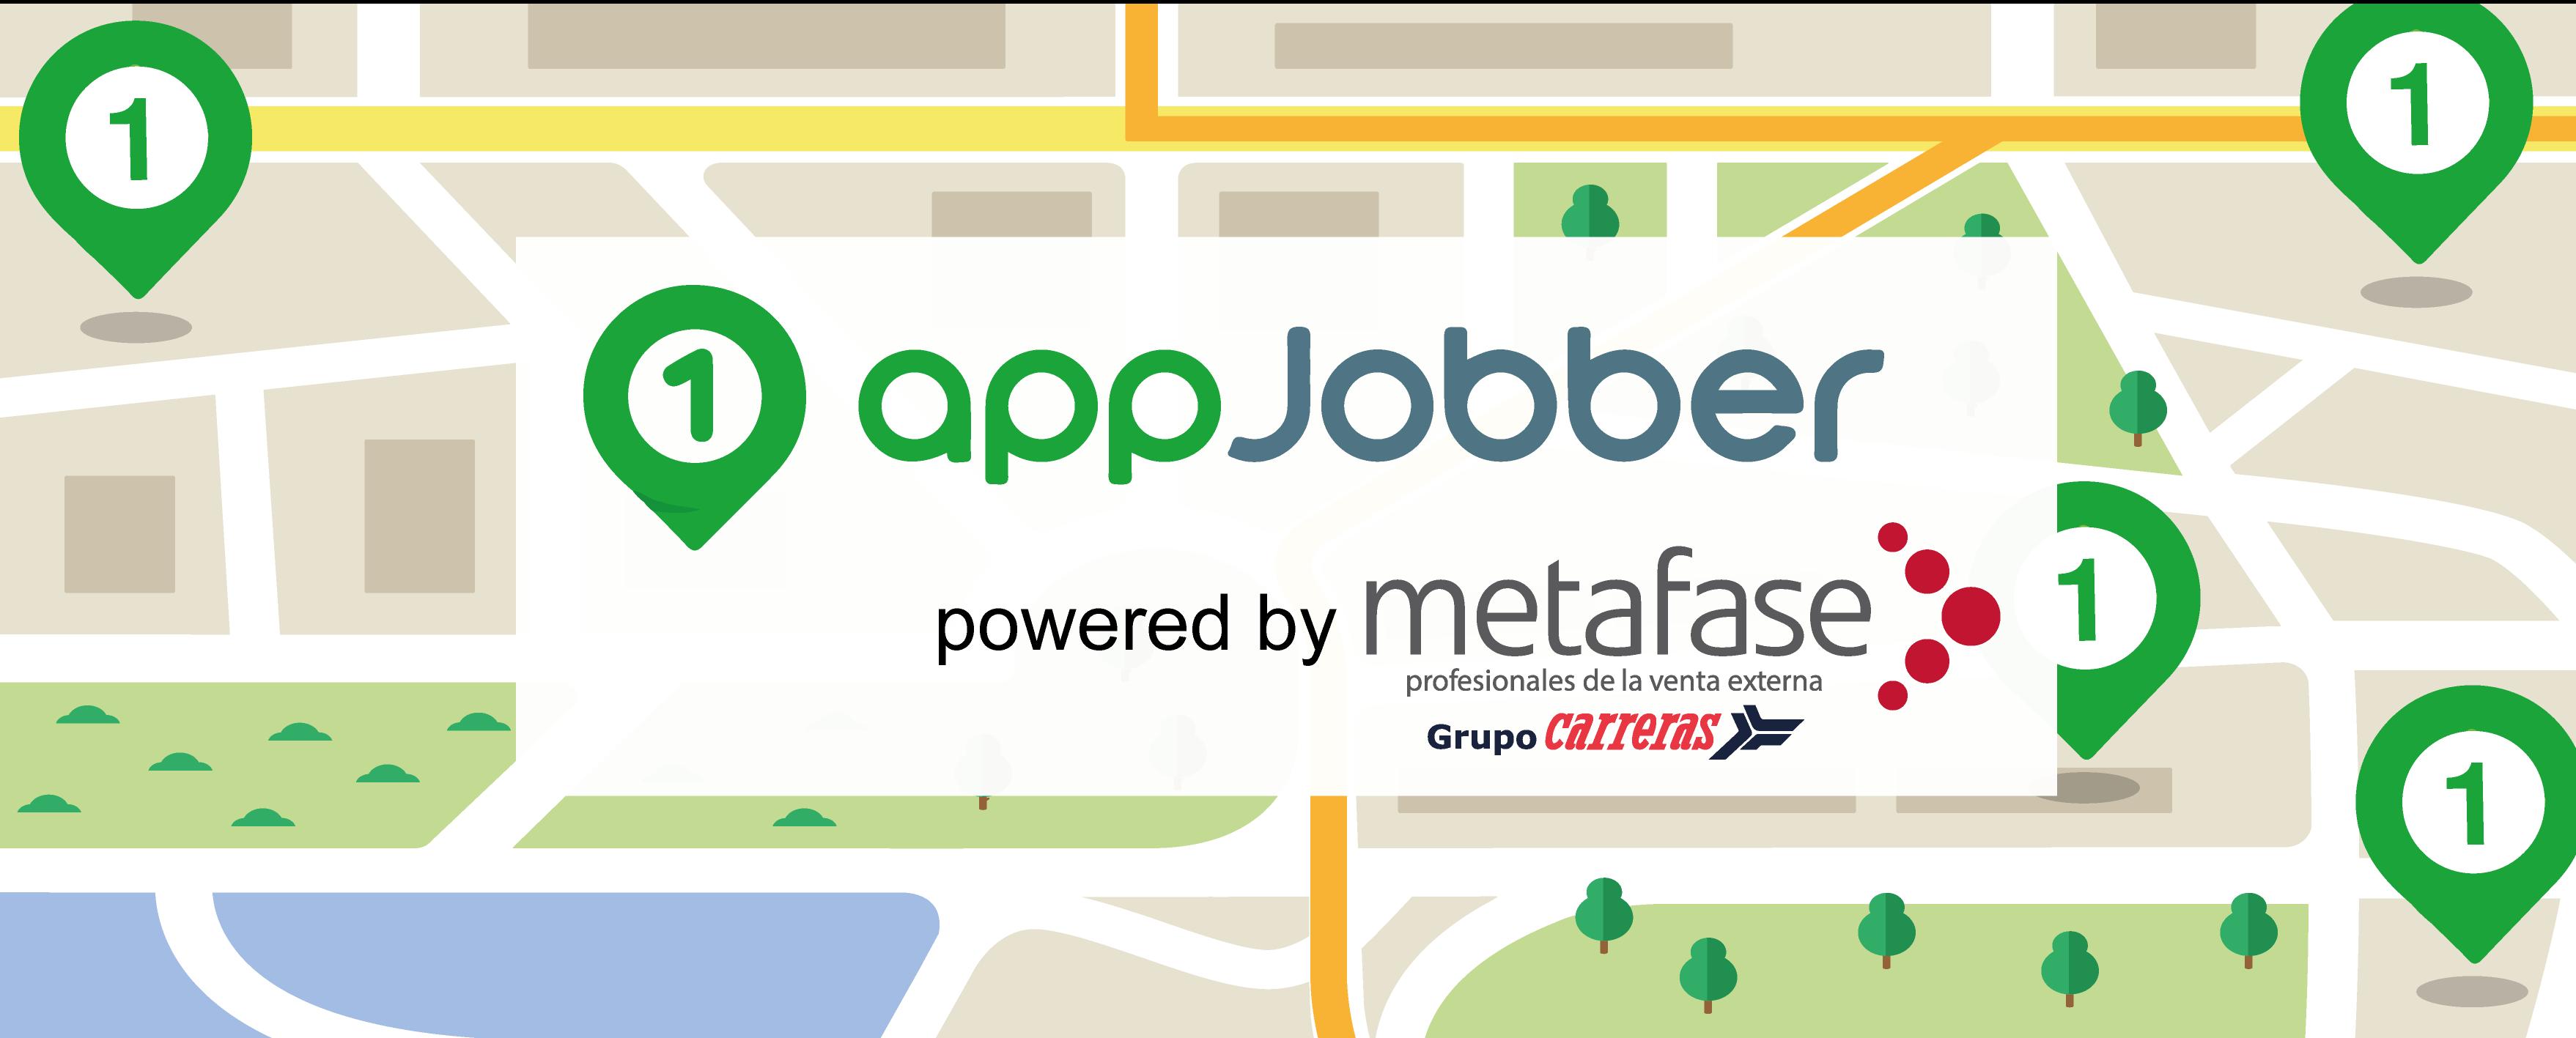 AppJobber-slider-web